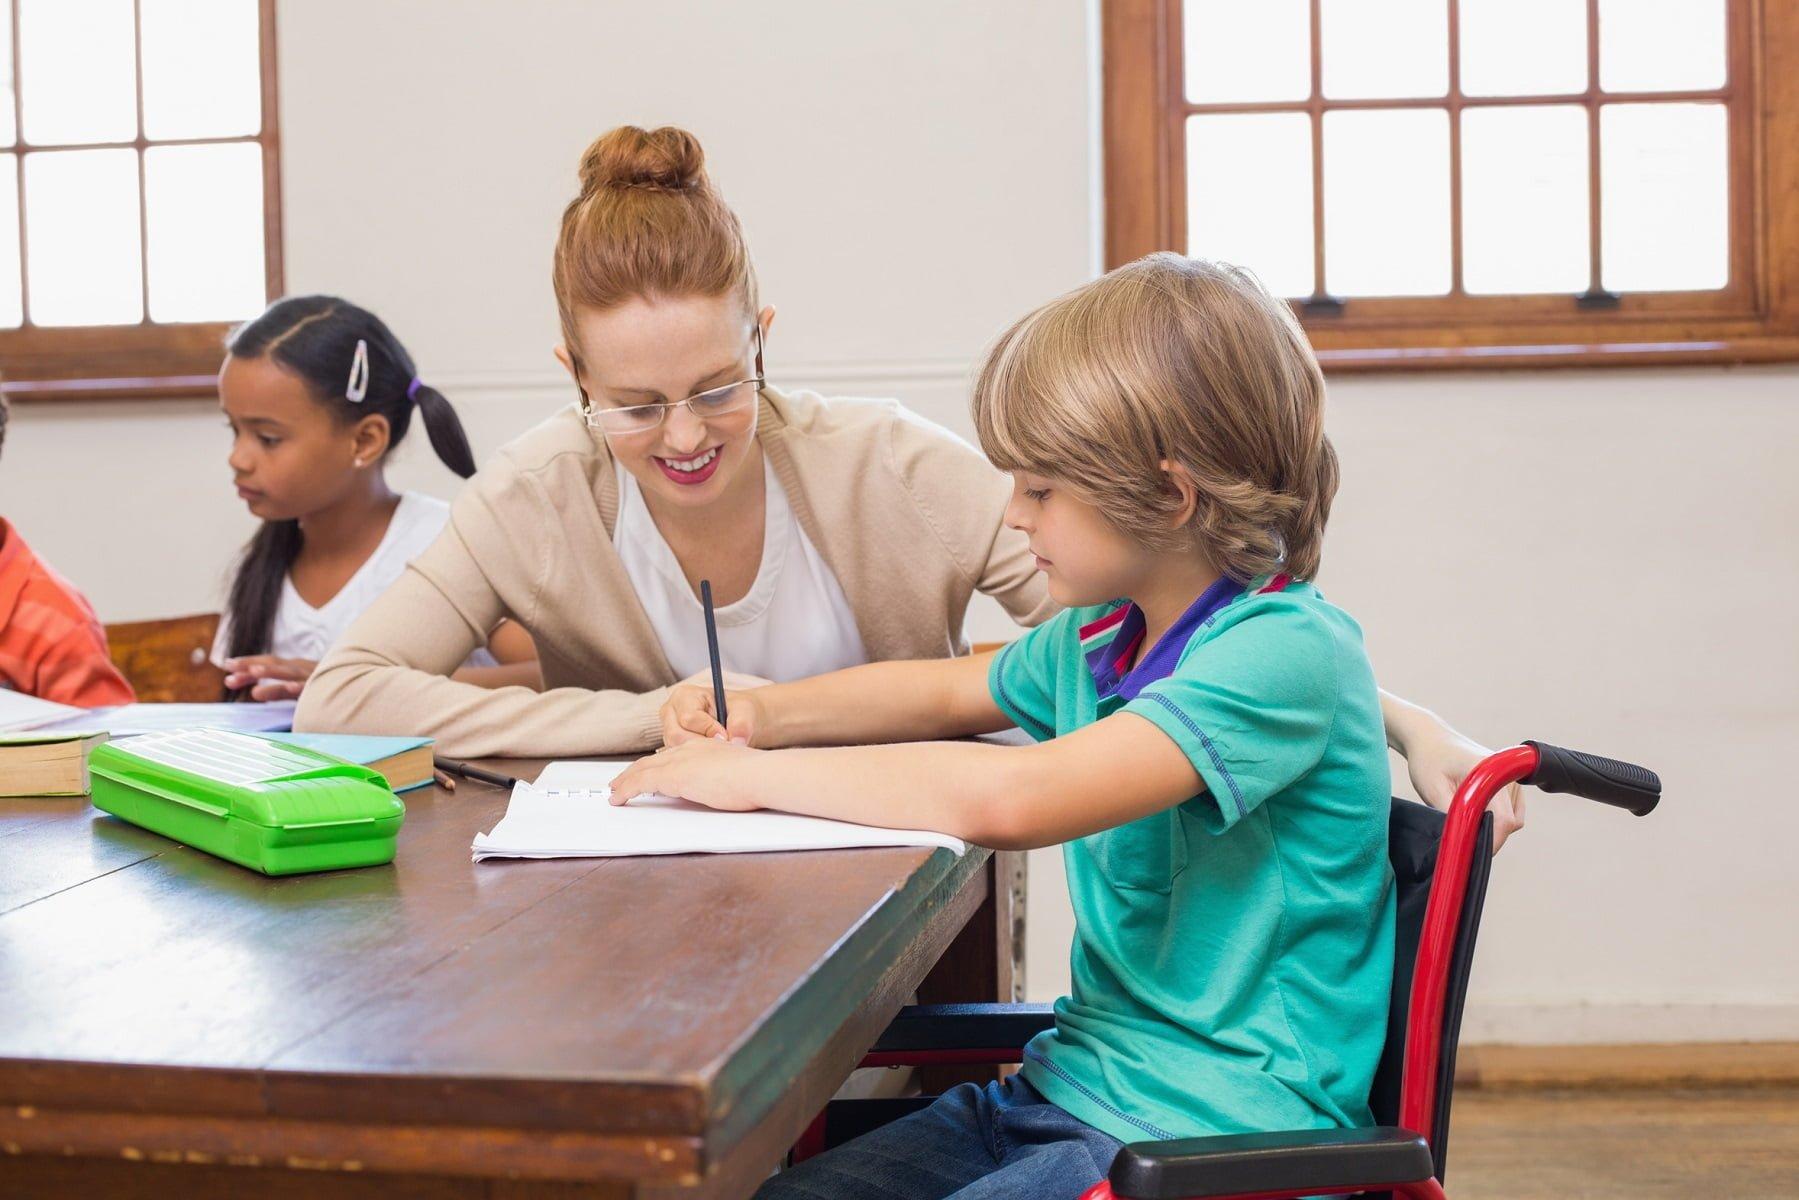 formation aesh - devenir auxiliaire de vie scolaire